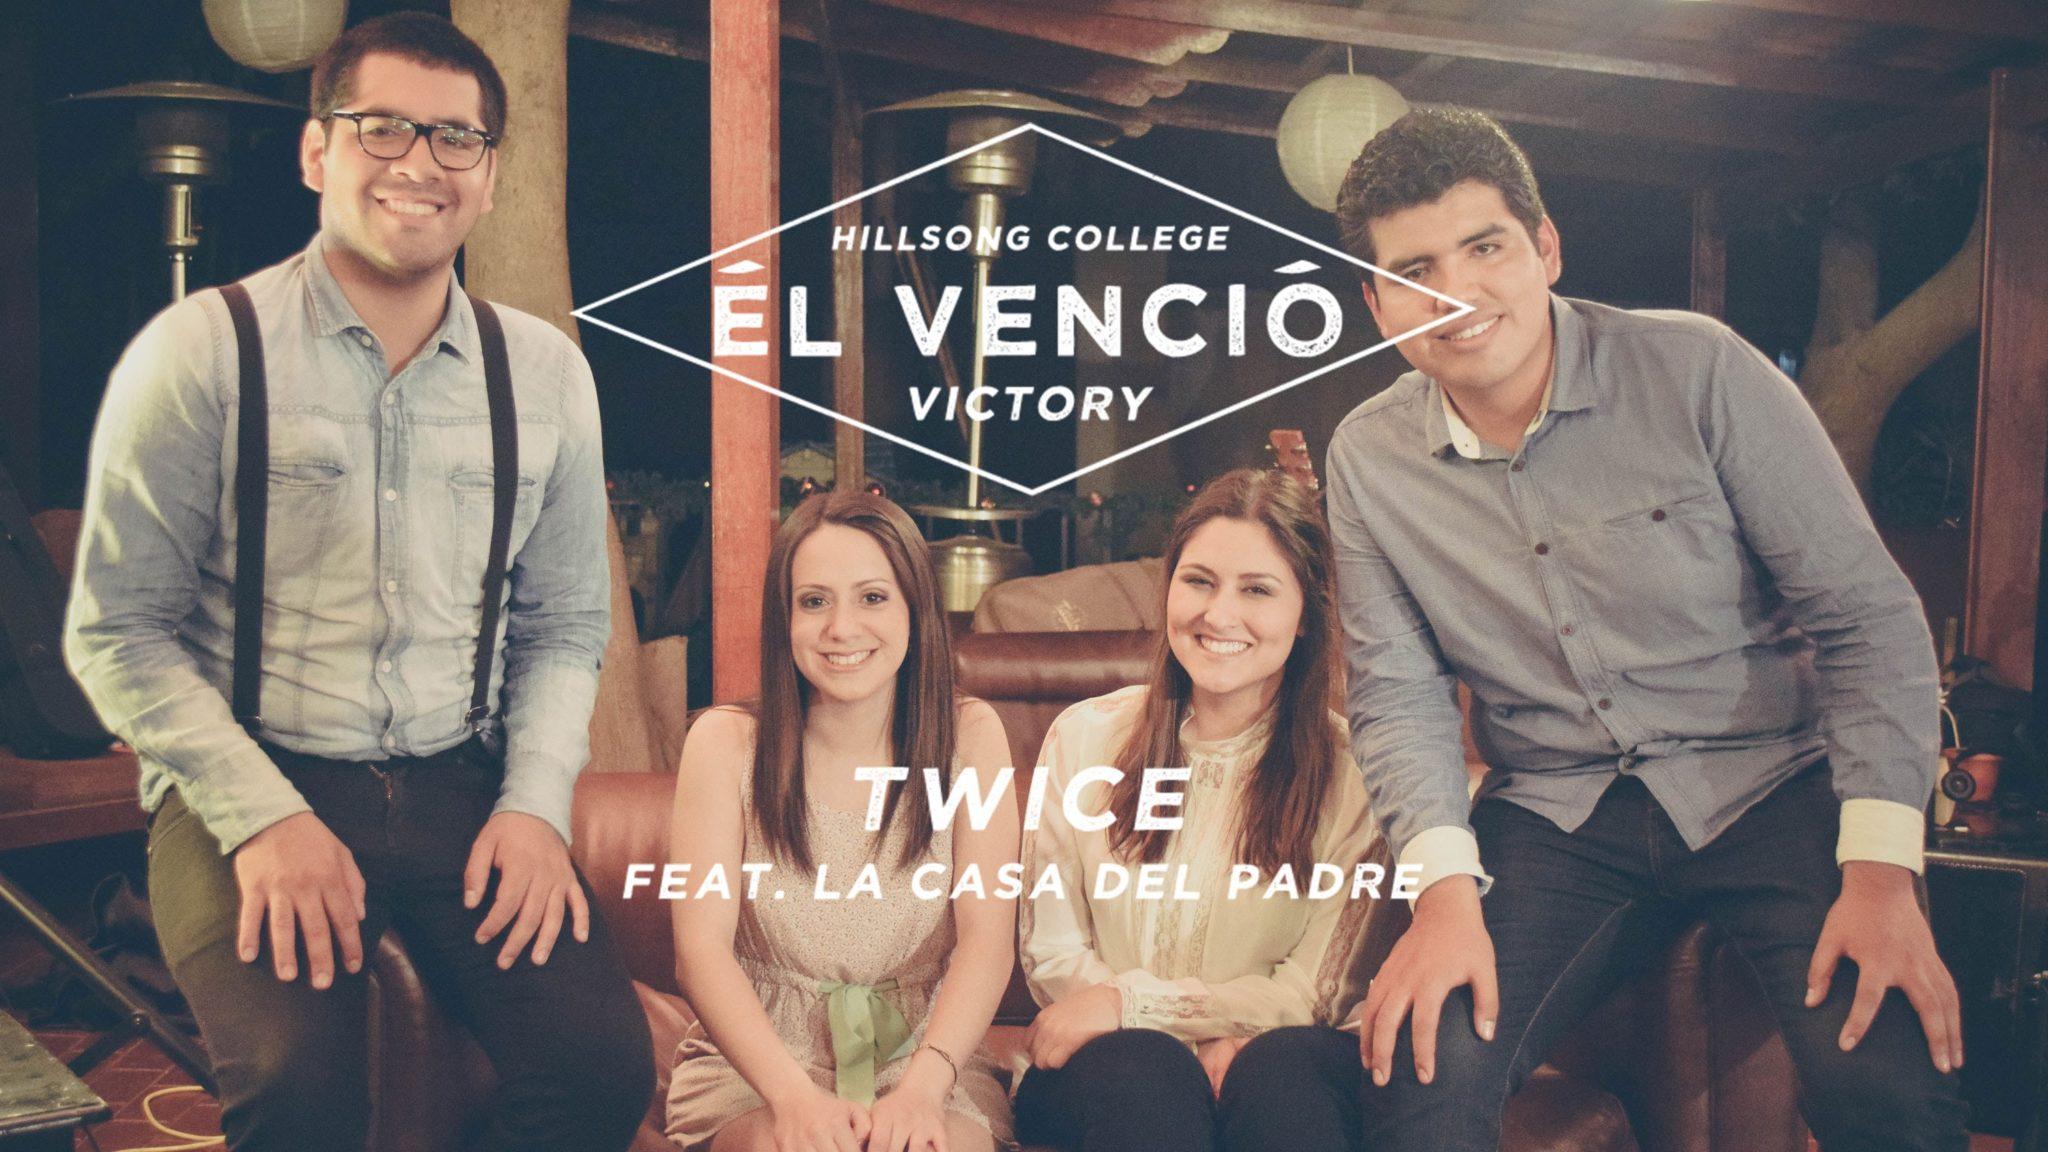 Photo of El vencio (Victory) Hillsong College – Twice & La Casa del Padre